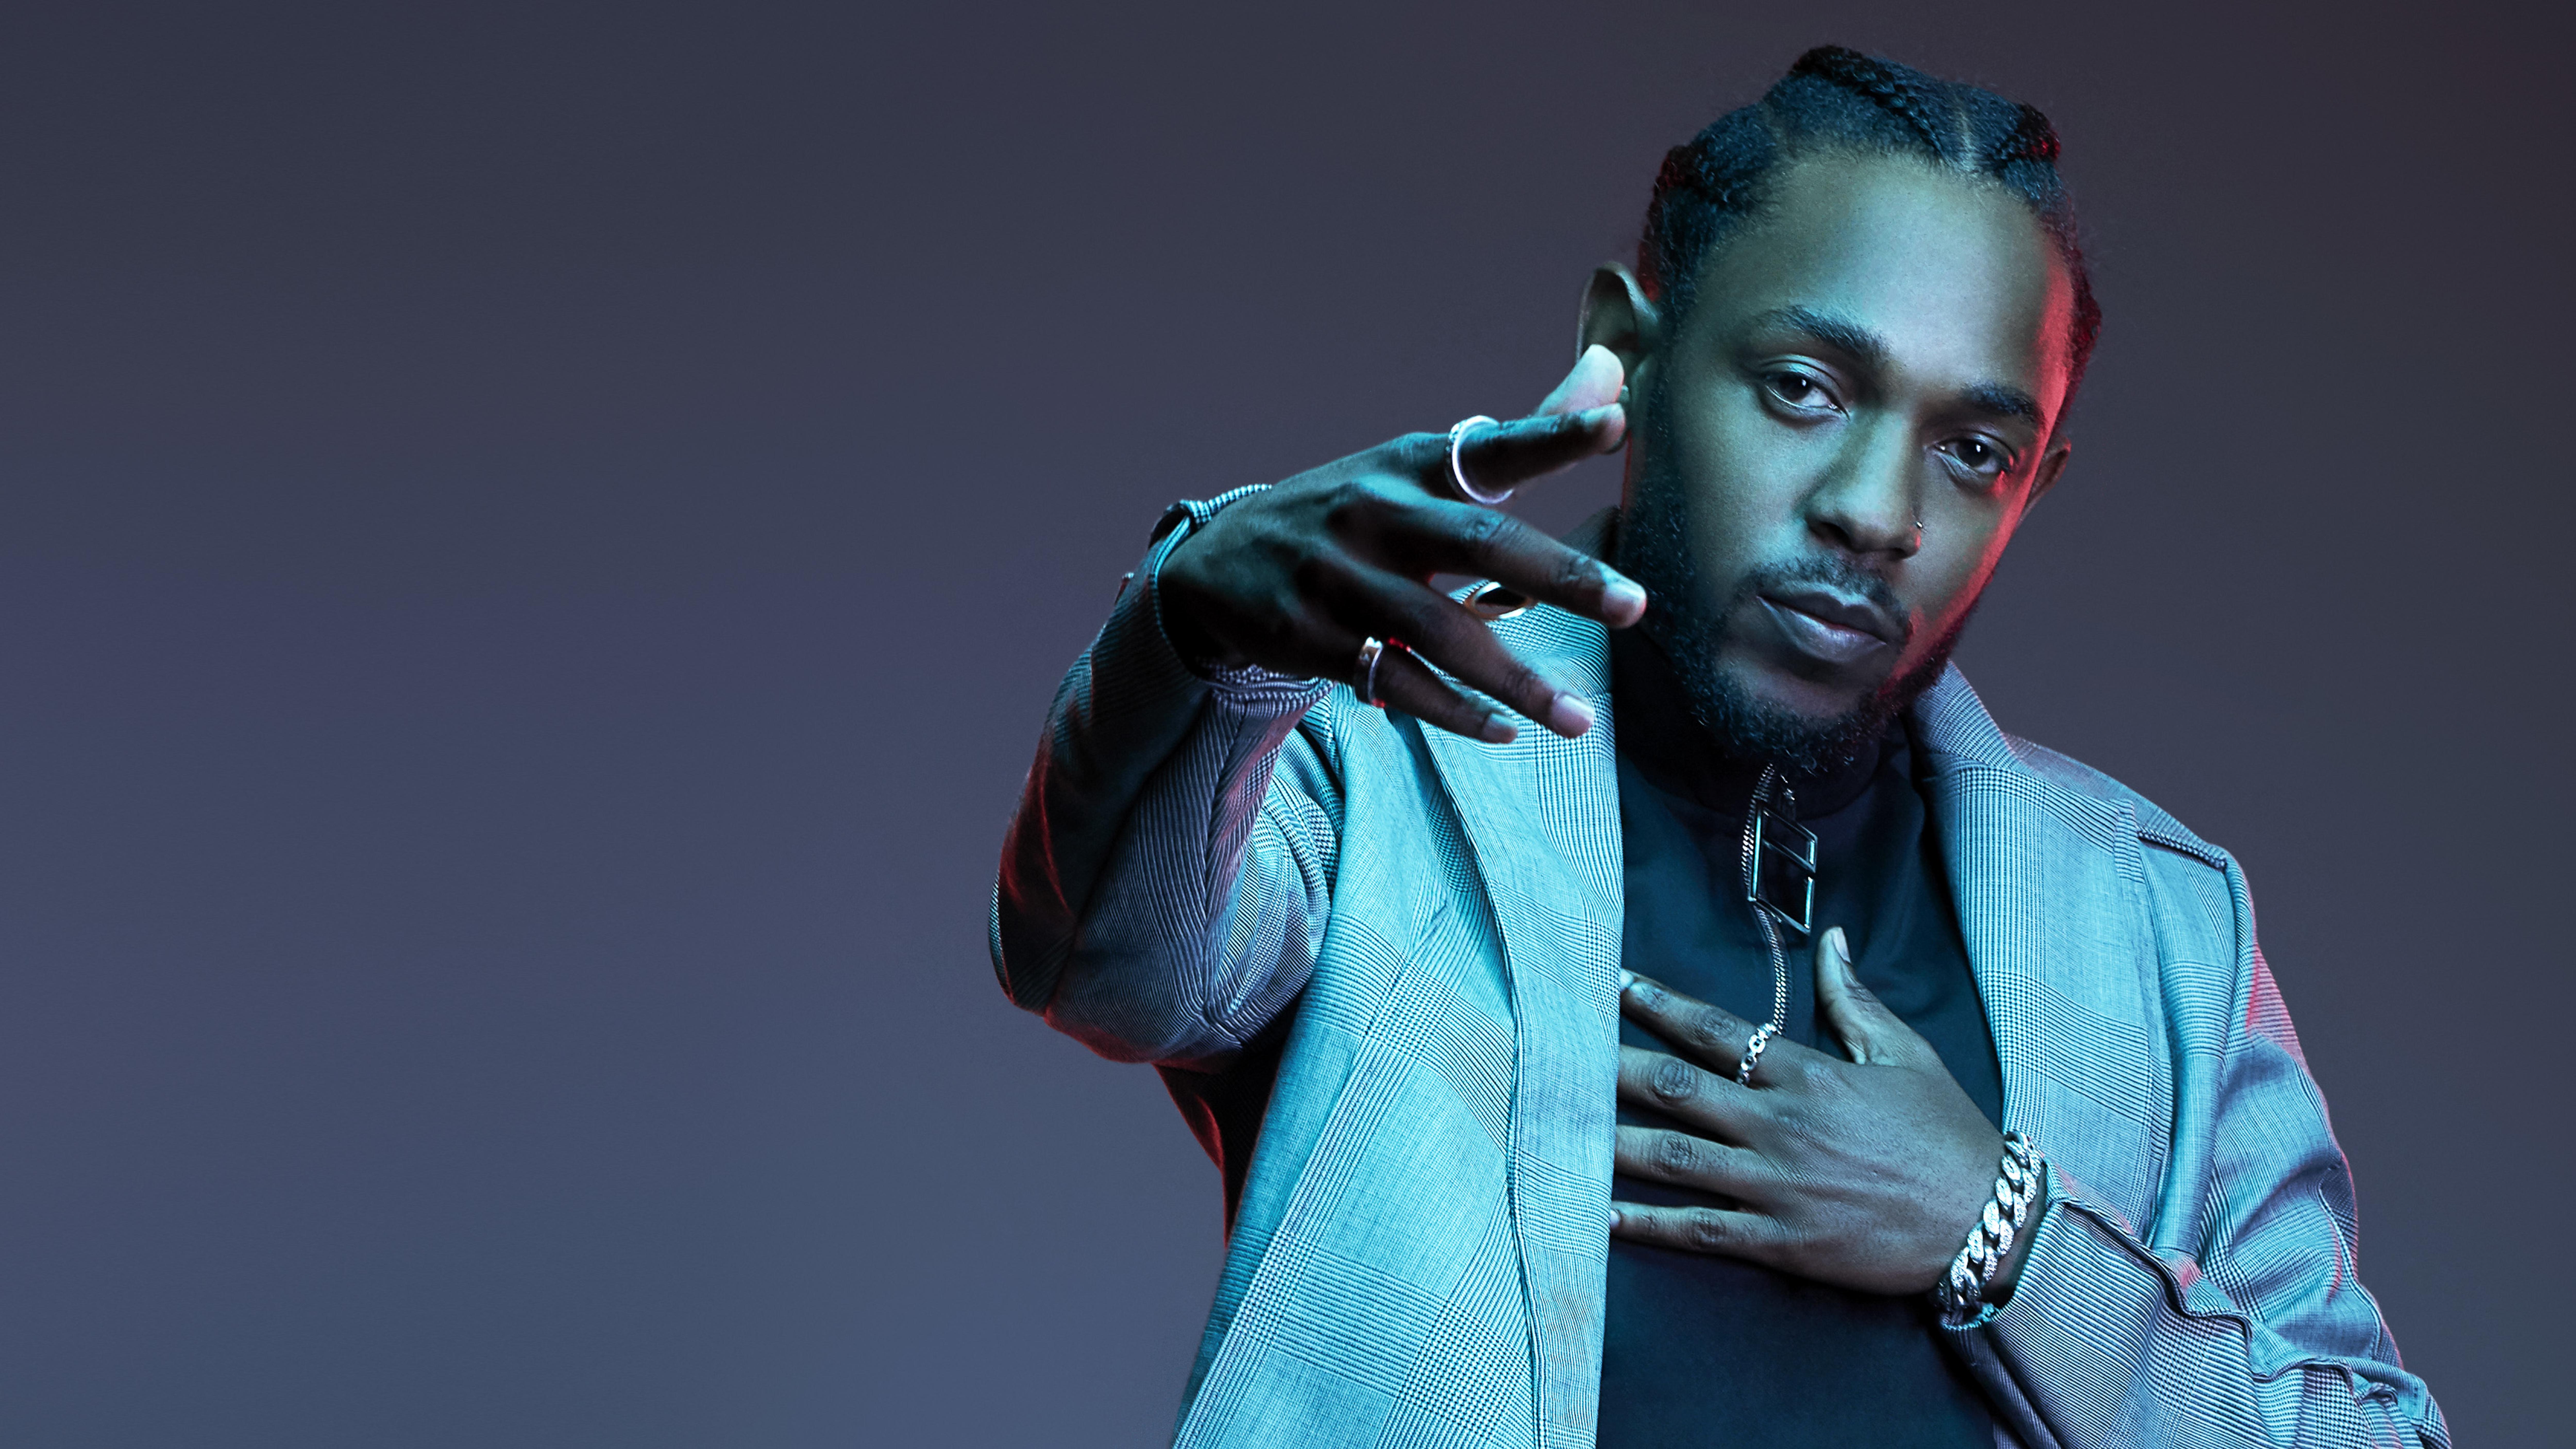 Kendrick Lamar 10k, HD Music, 4k Wallpapers, Images ...